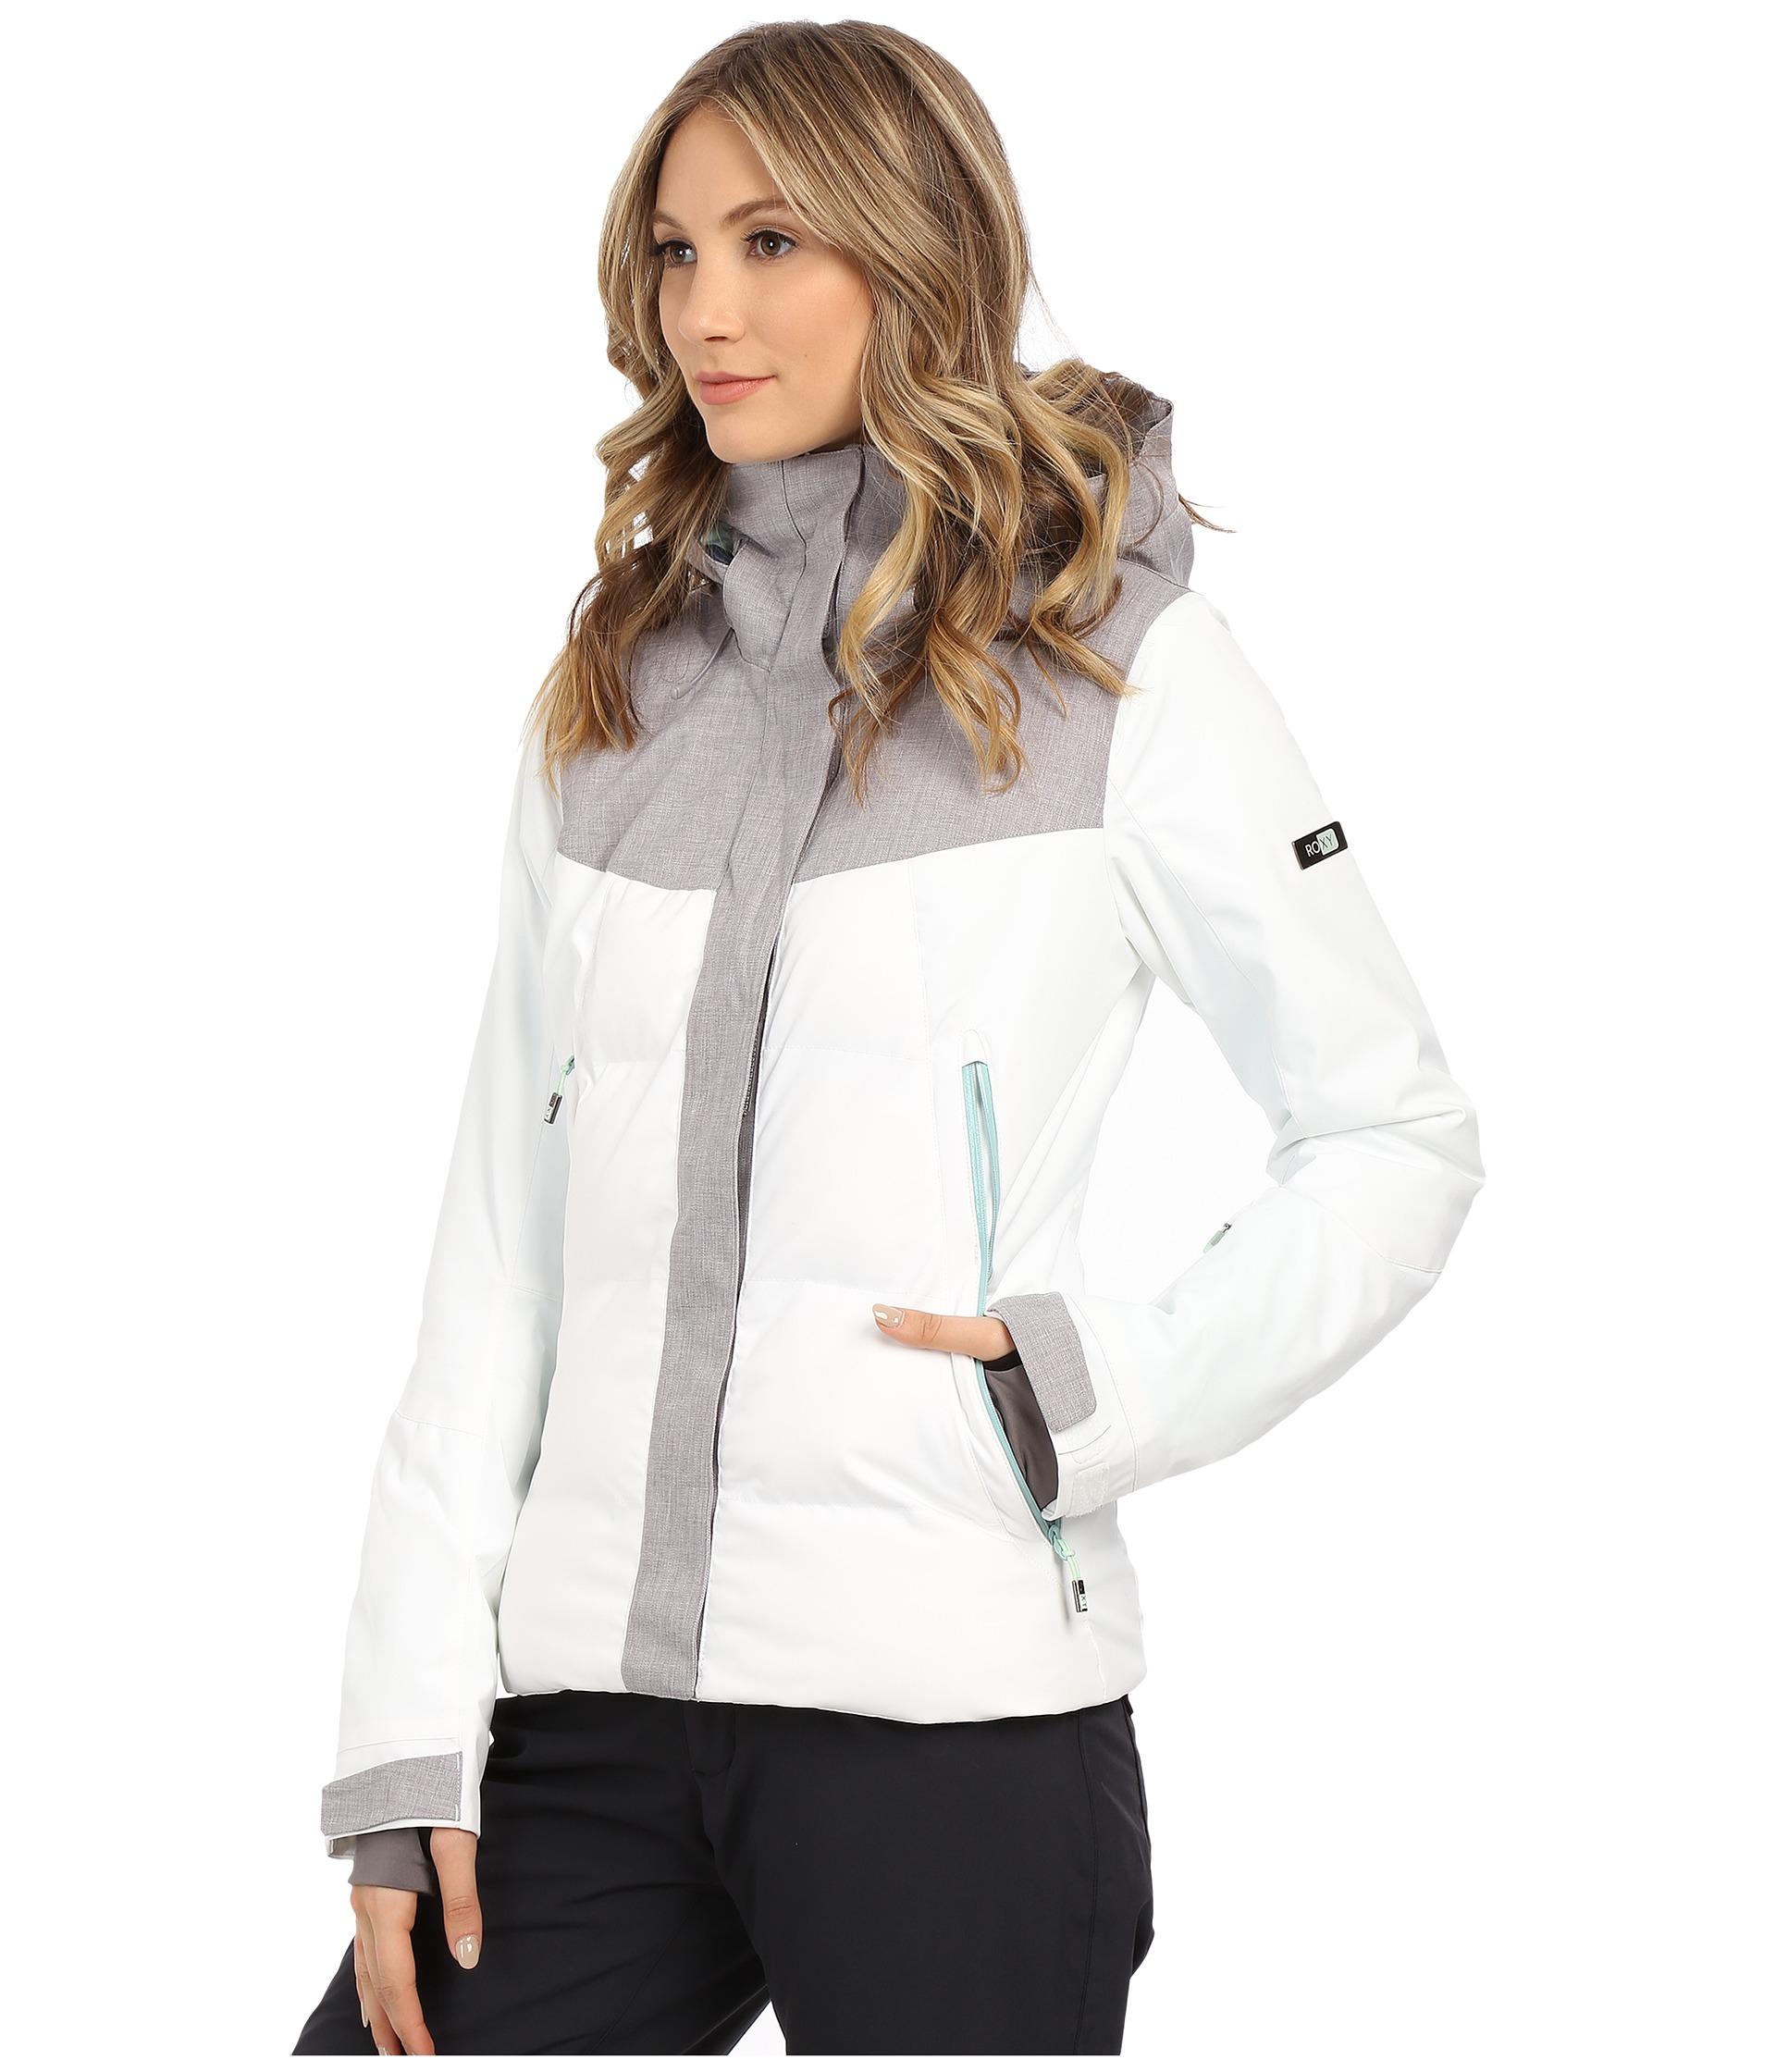 Lyst - Roxy Flicker Snow Jacket in White 7ecfb6f8a